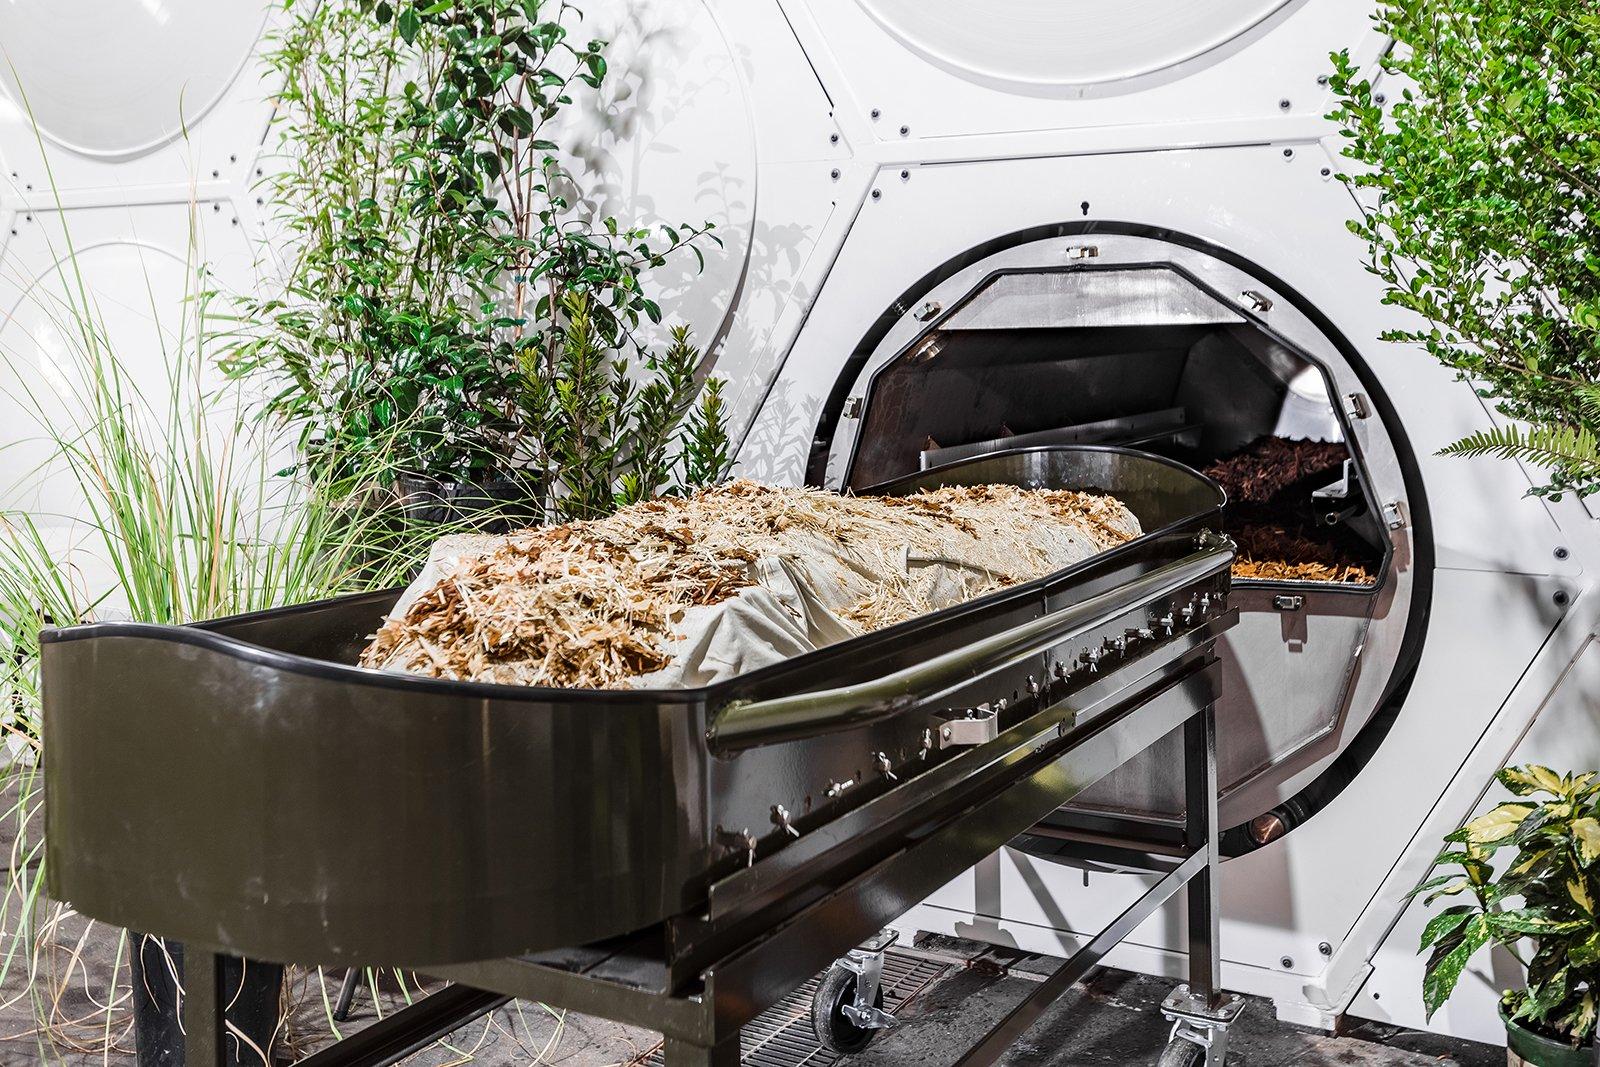 Несмотря на сопротивление католиков, в США легализуют компостирование человеческих останков